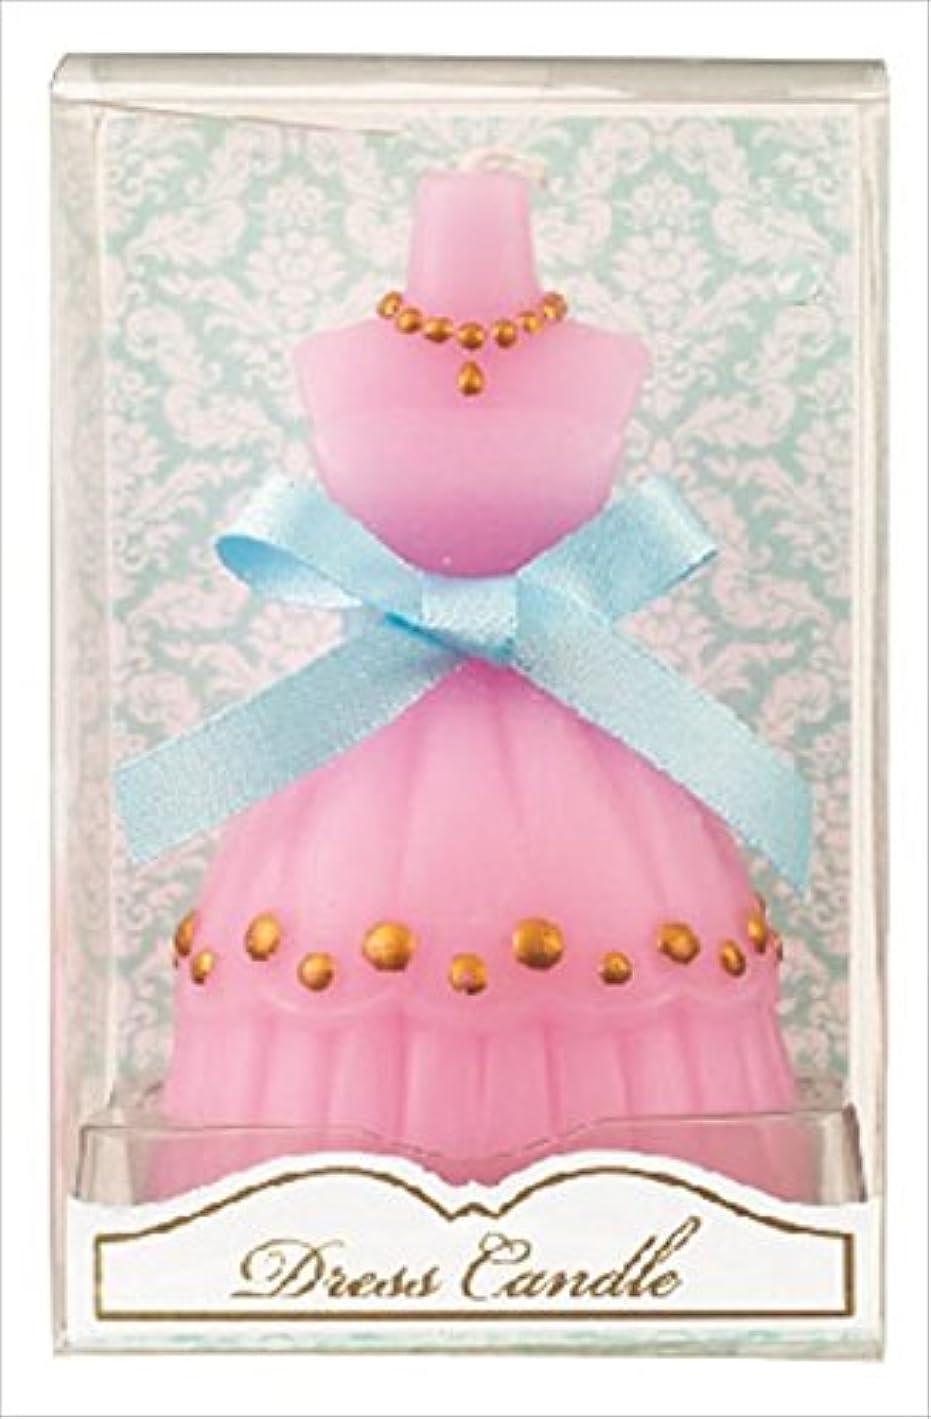 友情憎しみ広々kameyama candle(カメヤマキャンドル) ドレスキャンドル 「 ピンク 」 キャンドル 60x54x98mm (A4460500PK)